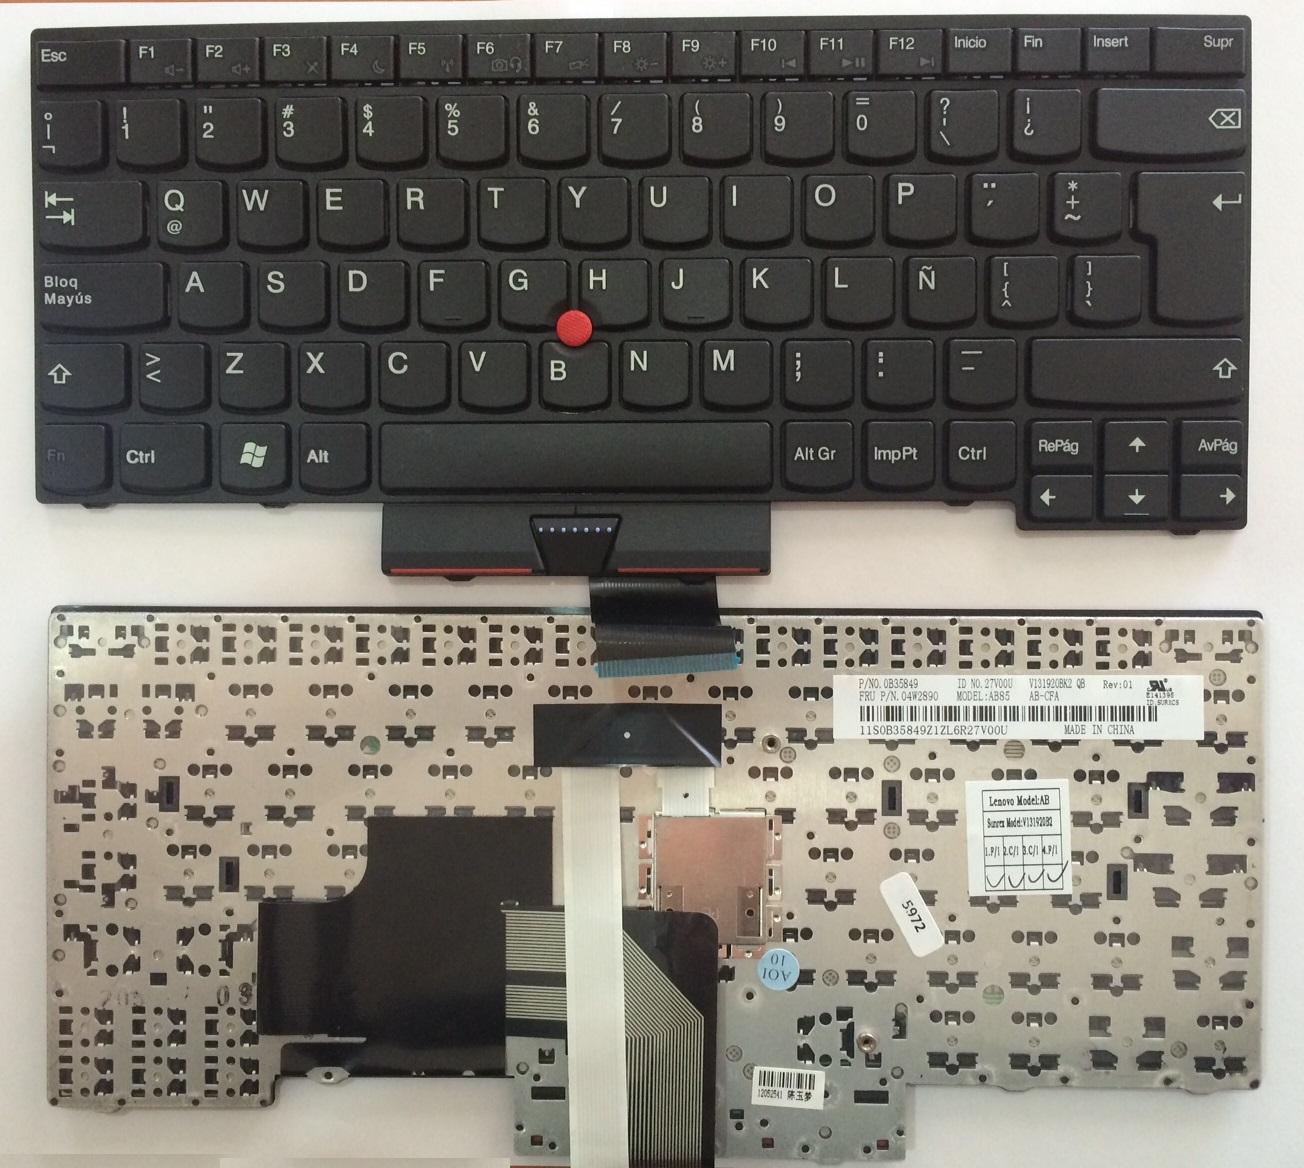 Teclado Español Lenovo Thinkpad Edge E330 Thinkpad Edge E430/ E430C Thinkpad Edge E335 Thinkpad Edge E445 ThinkPad Edge E530 ThinkPad Edge E535 (04Y0193)